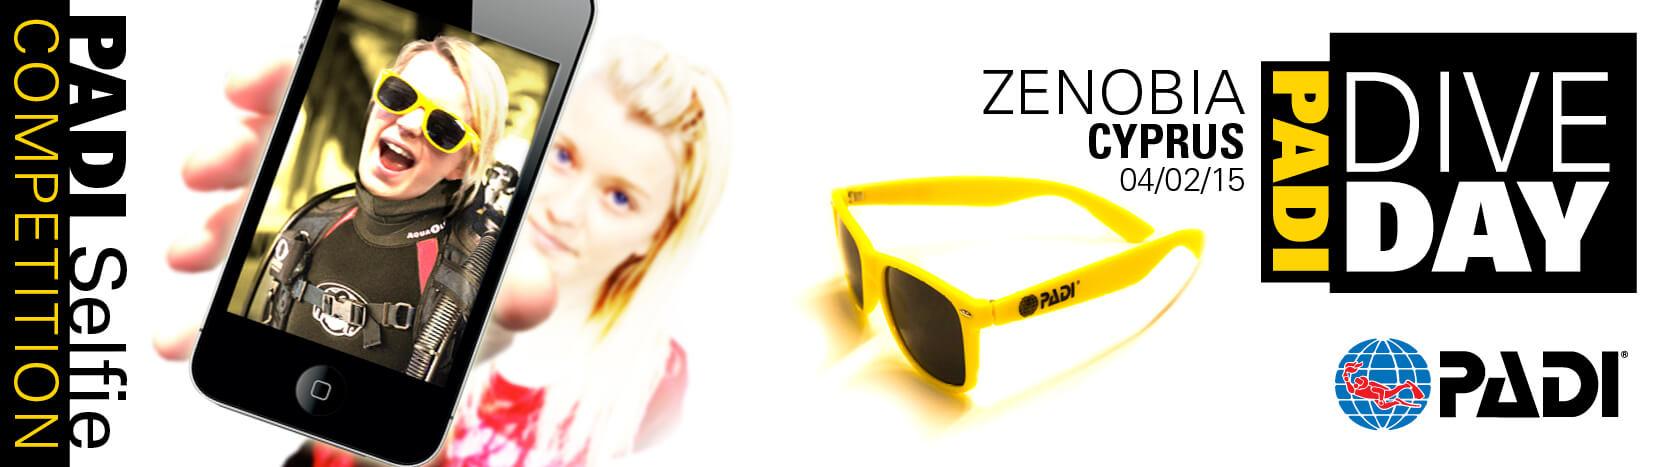 PDD-Zenobia-FB-Promo